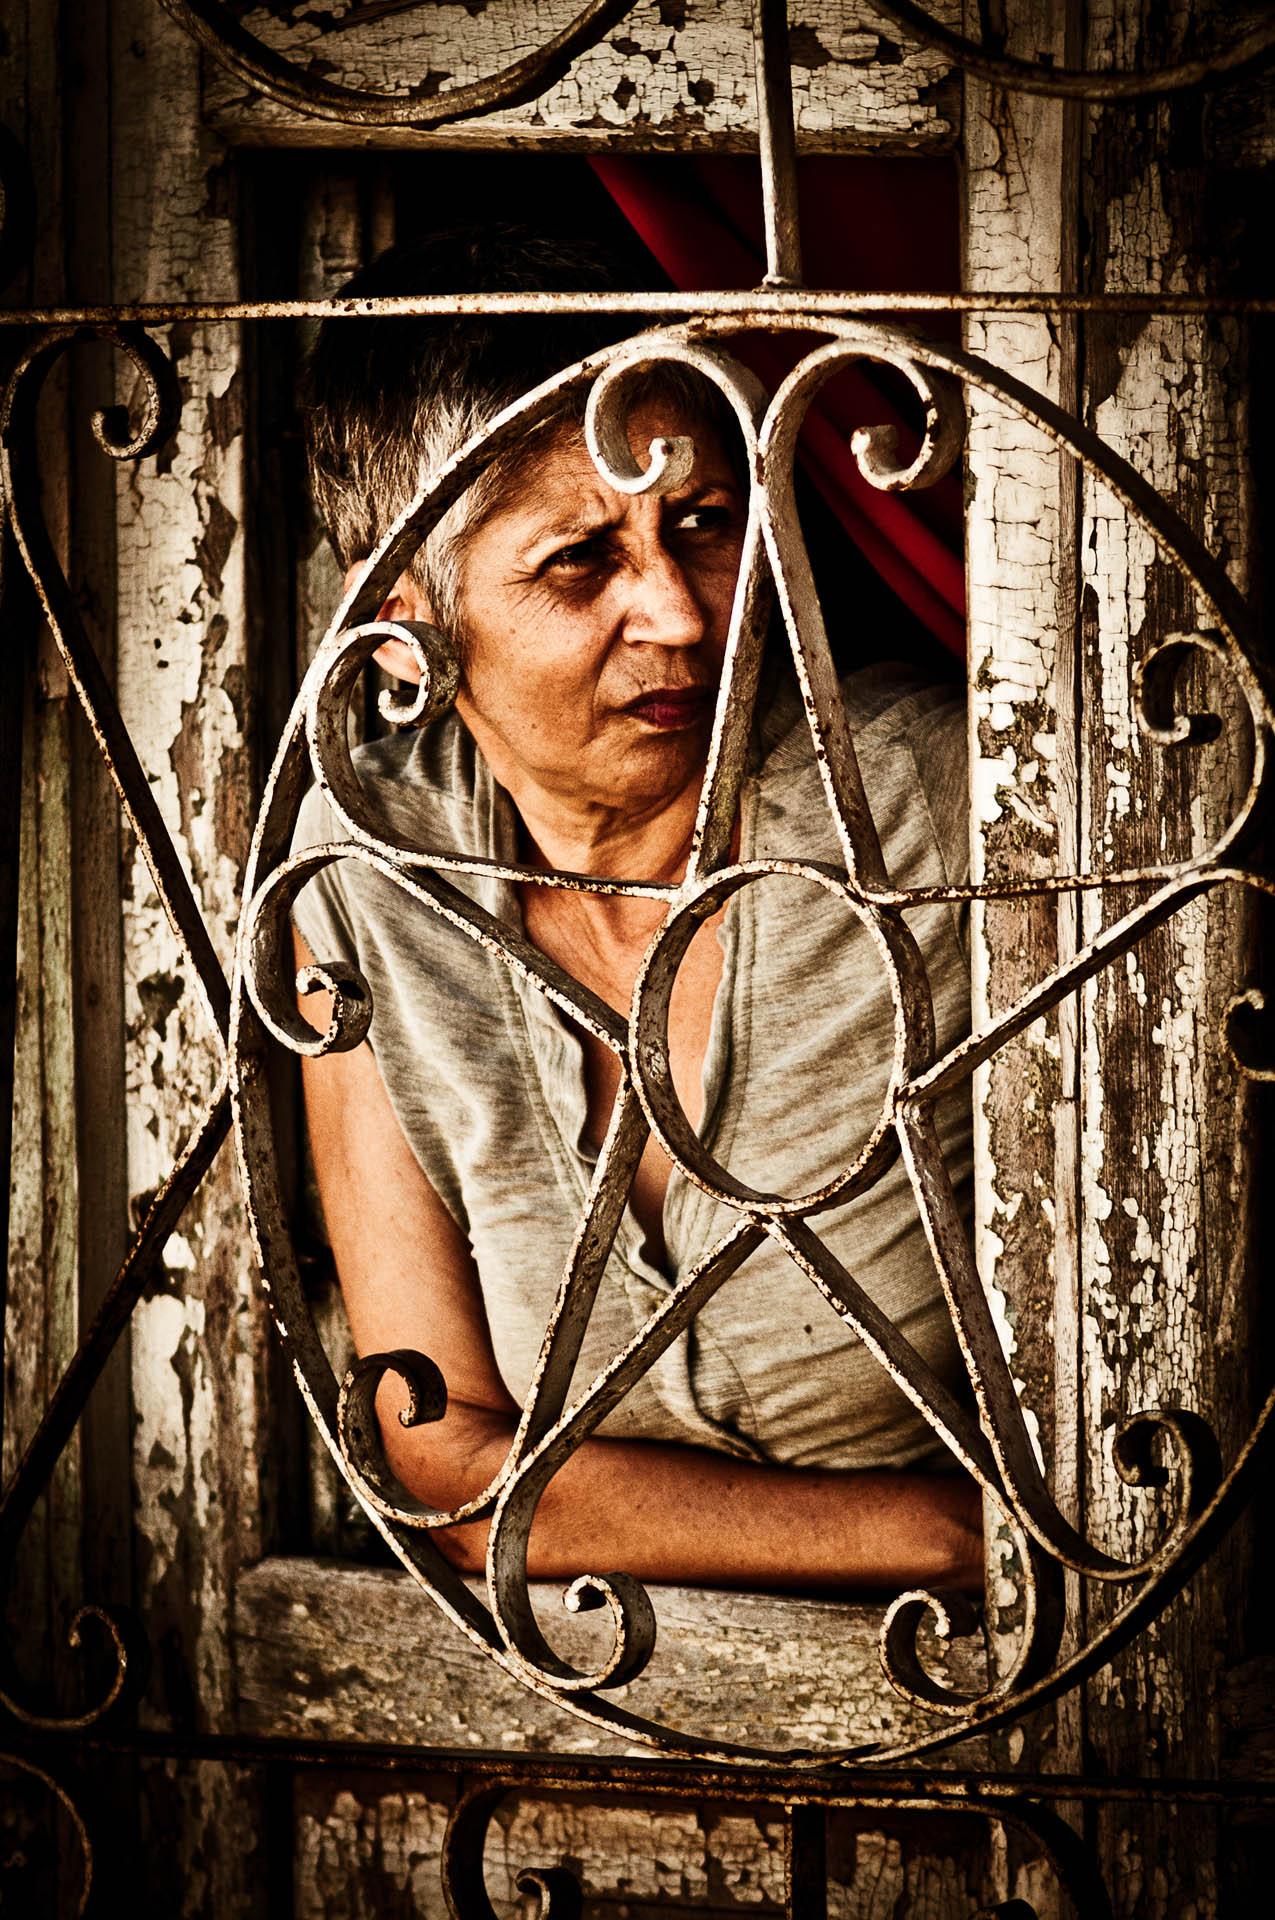 Ne, to není vězení. Kubánci mají prostě všechno zamřížované, asi aby jim to nic nikdo nevzal. Ale vypadá to, že jim mříže nevadí. Trinidad.